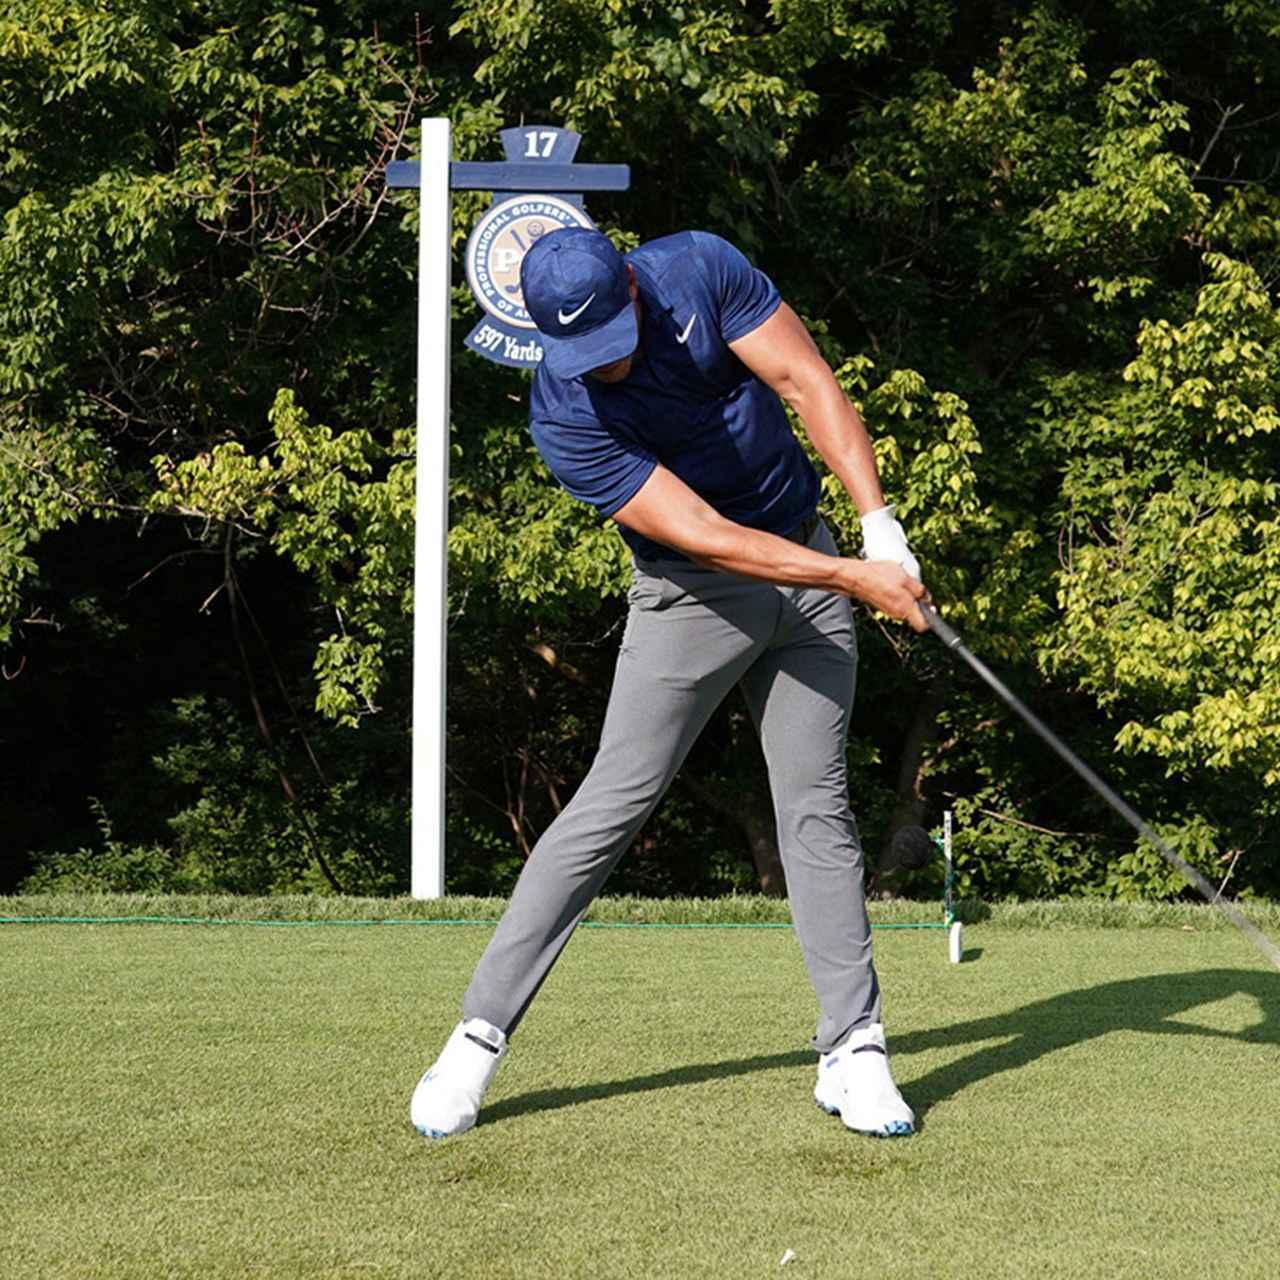 画像8: 【振り切る①】当てにいくから曲がる。プロが実践する「振り切って球まっすぐ!」メソッド